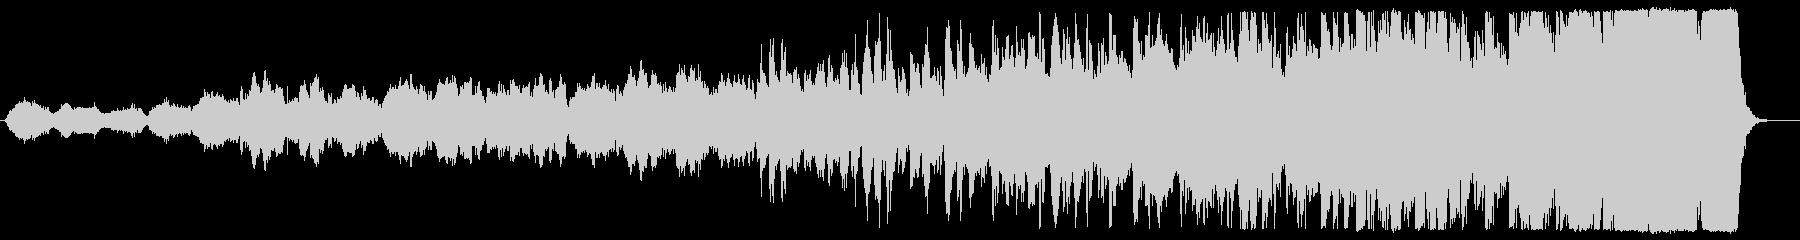 クラシック 交響曲 ドラマチック ...の未再生の波形